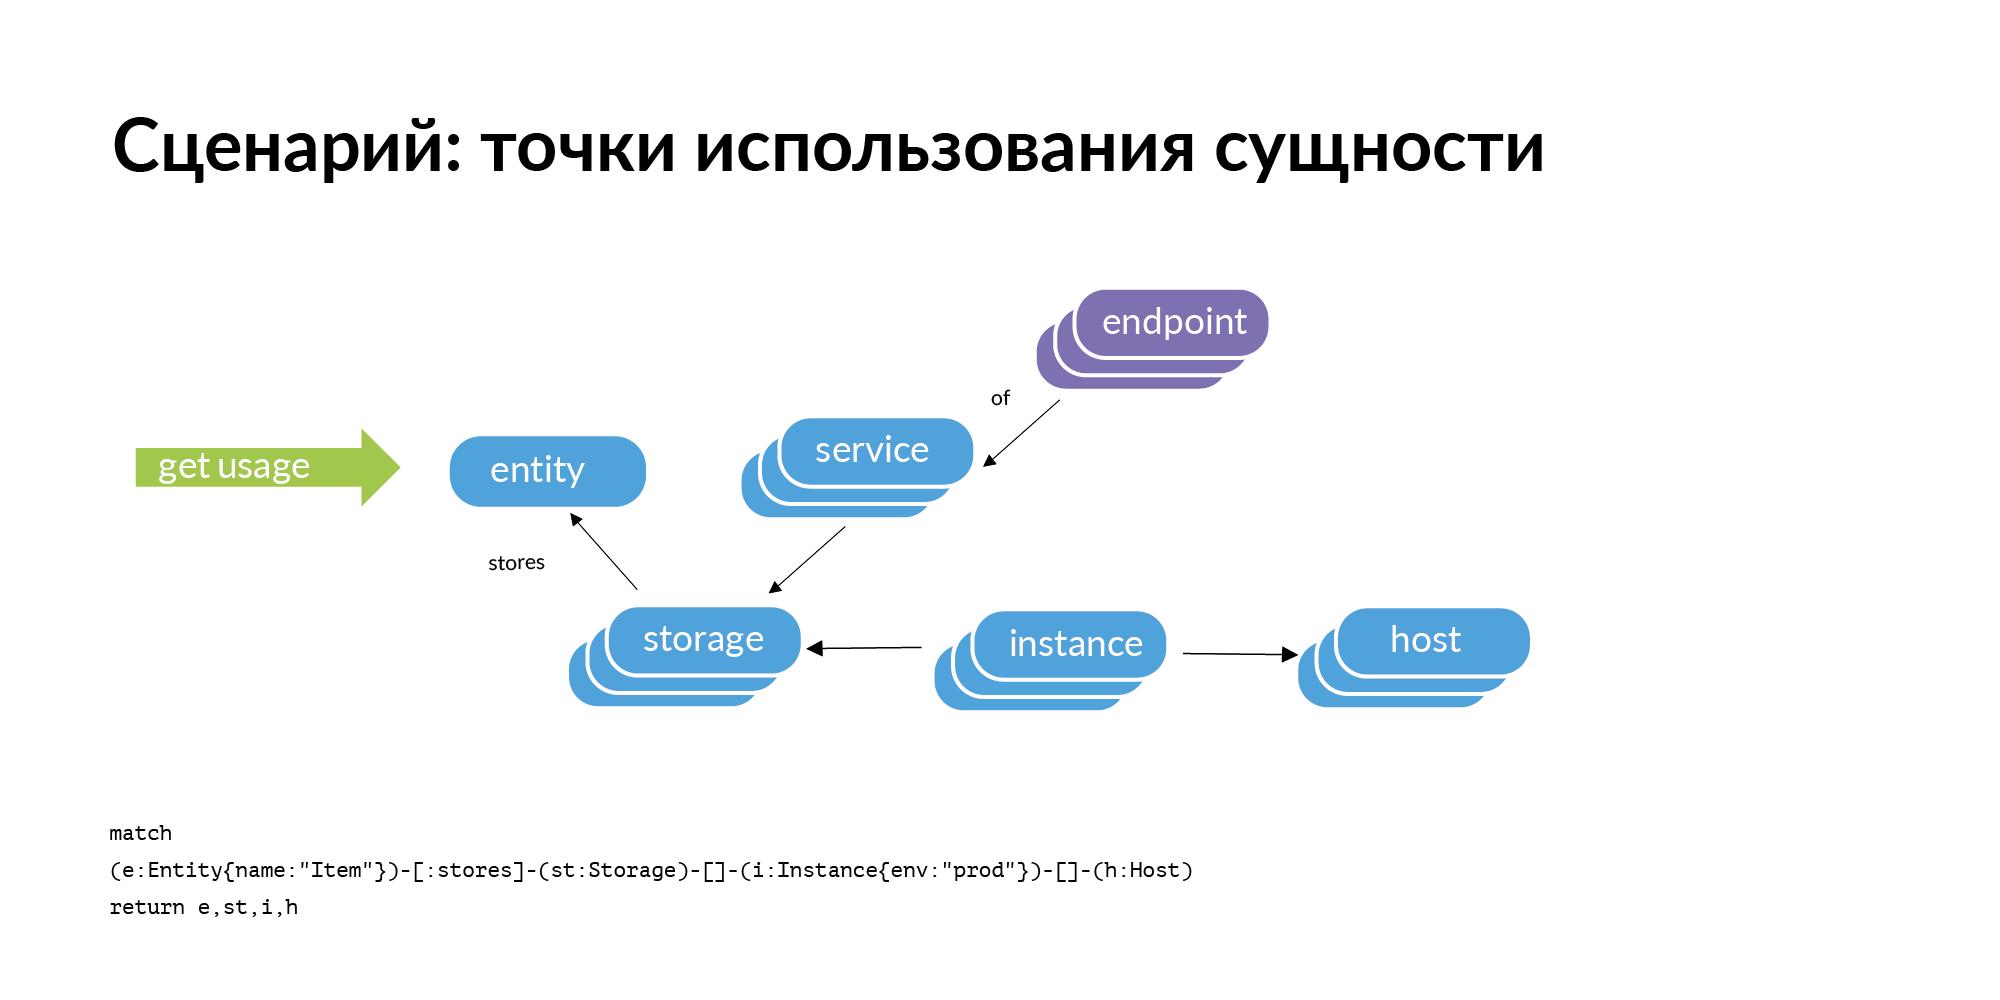 Концепция персистентной ткани для контроля IT-инфраструктуры - 19